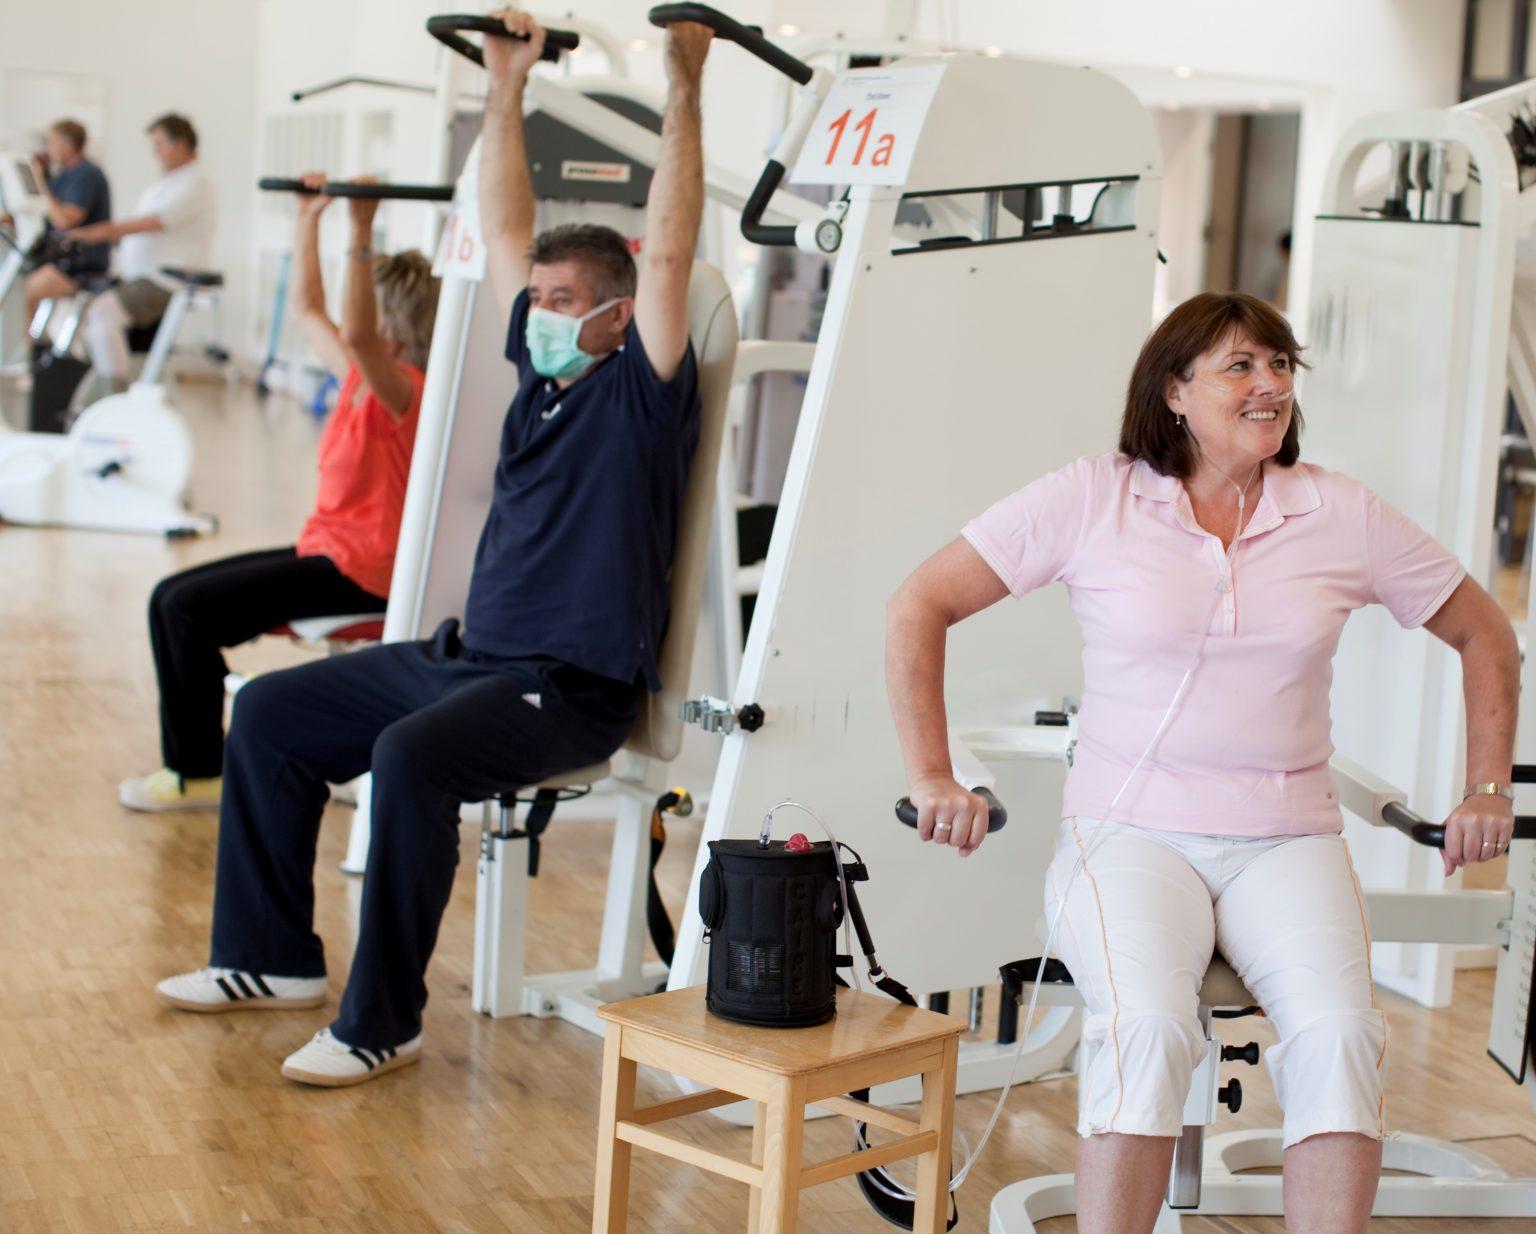 Mit COPD im Krankenhaus - was bringt eine Bewegungstherapie